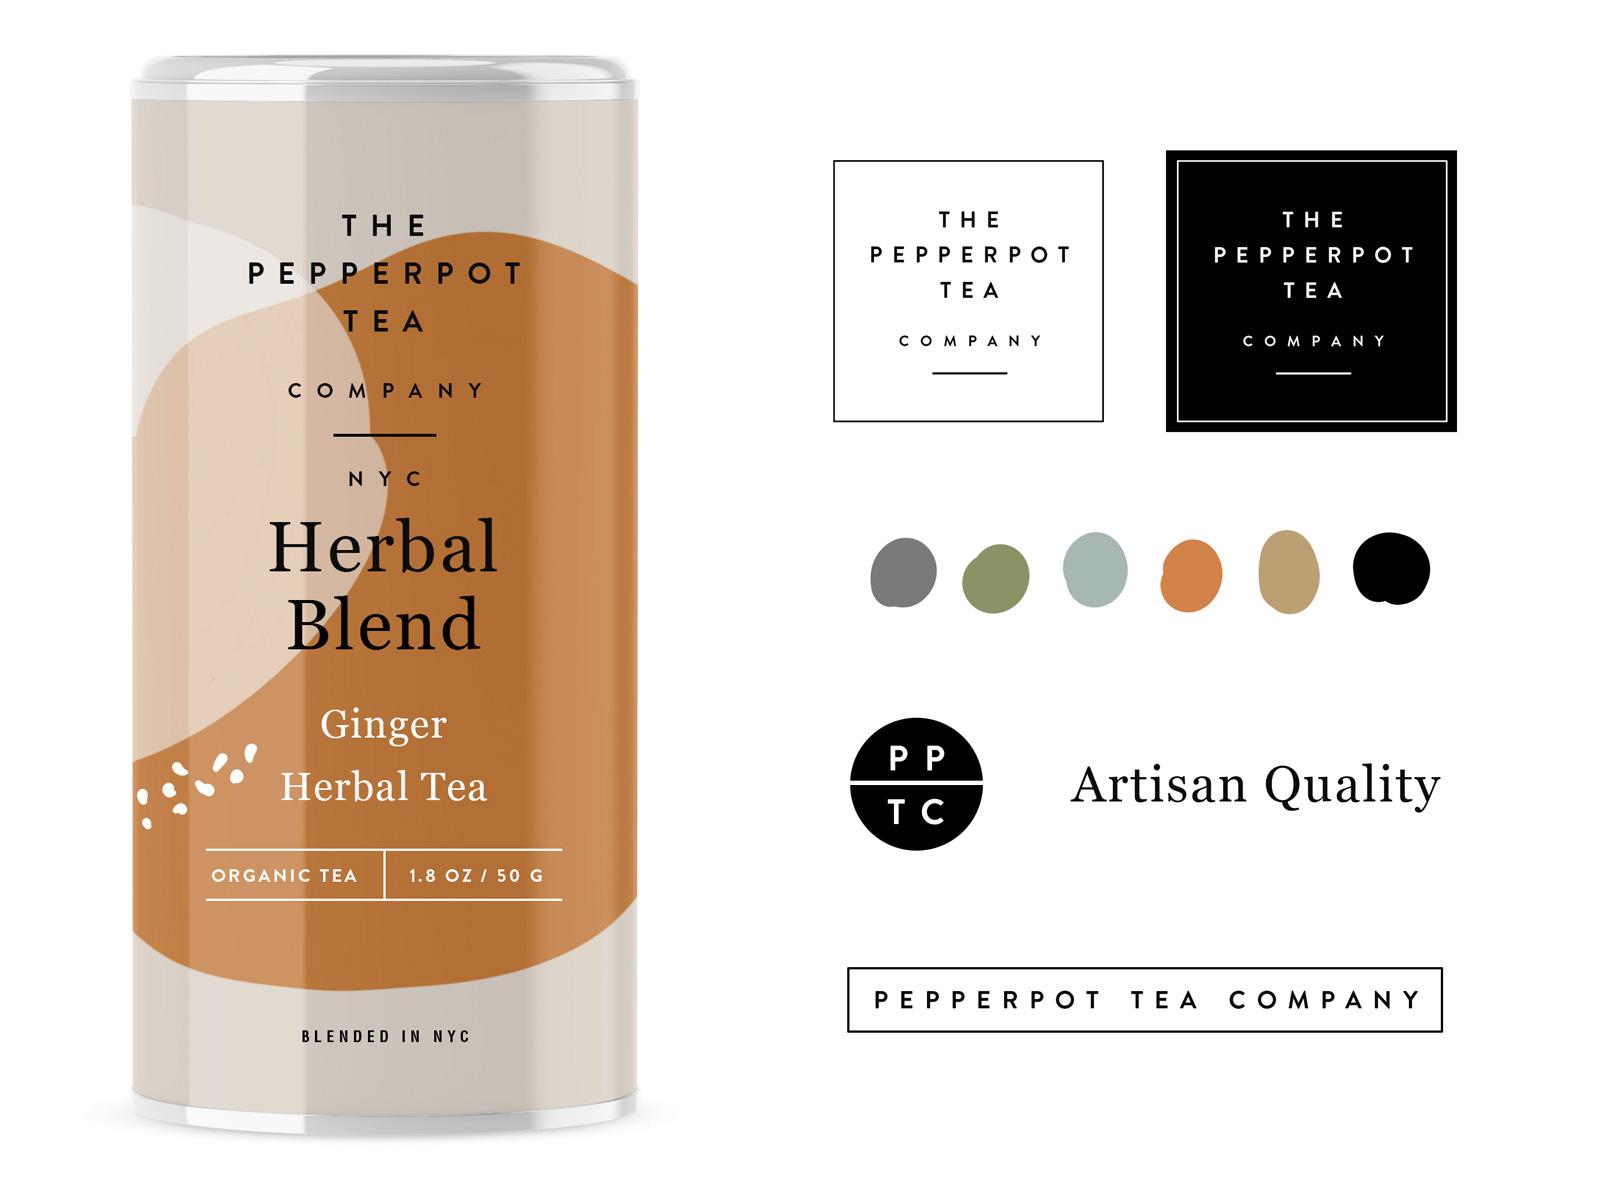 Pepper pot tea pt1